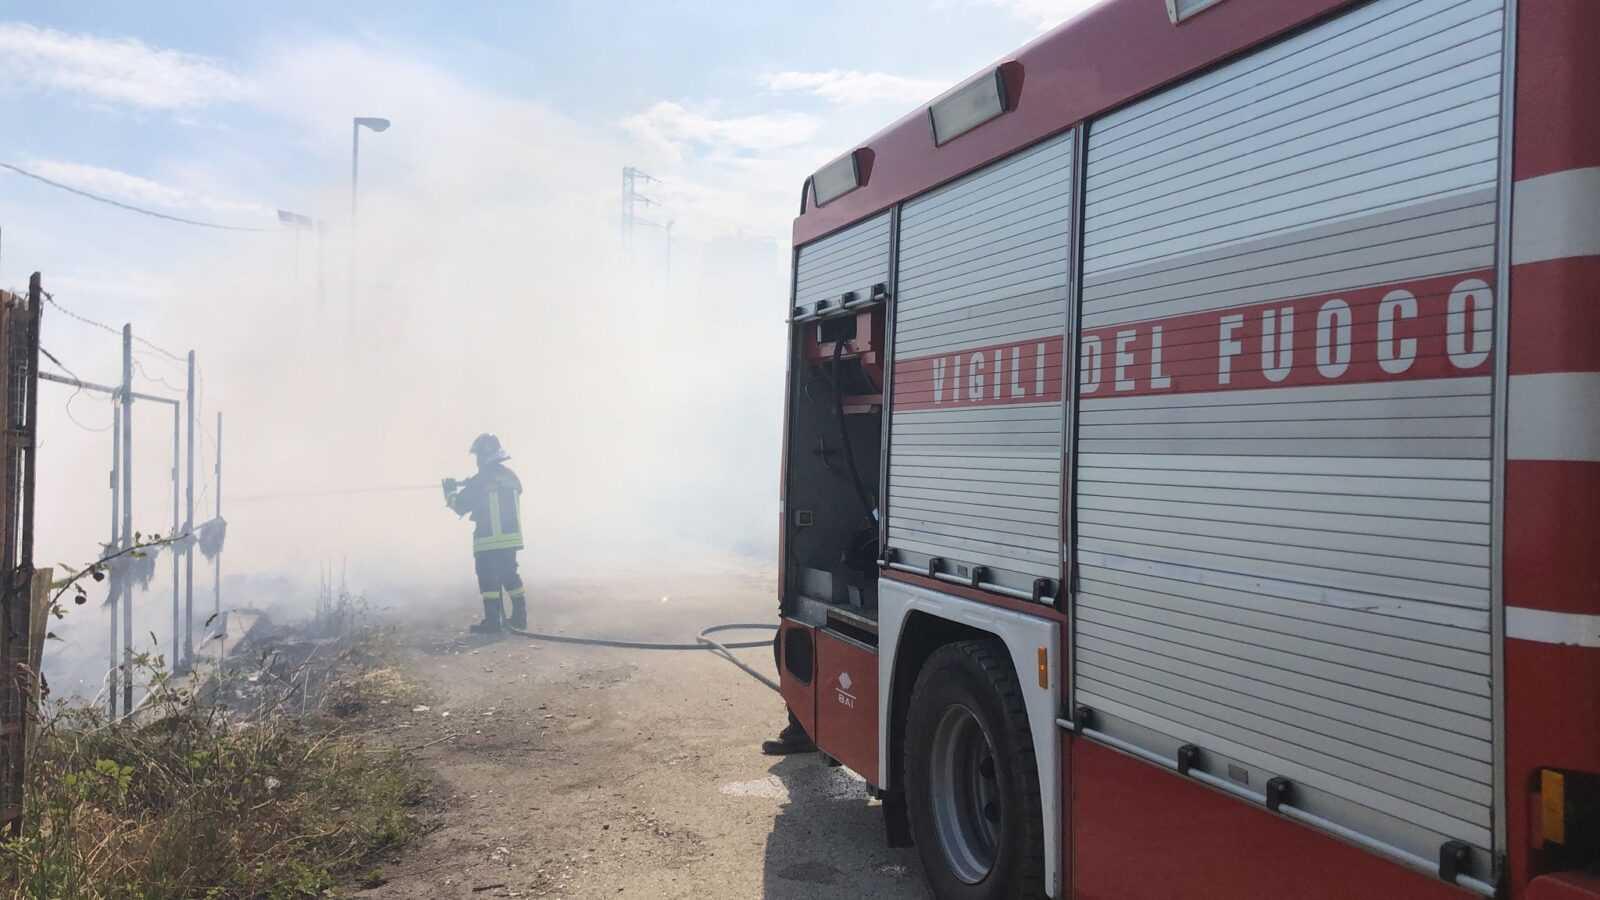 incendio-zona-industriale-di-colleranesco,-firmata-l'ordinanza-che-dispone-il-divieto-di-raccolta-e-consumo-di-prodotti-agricoli-nell'area-circostante